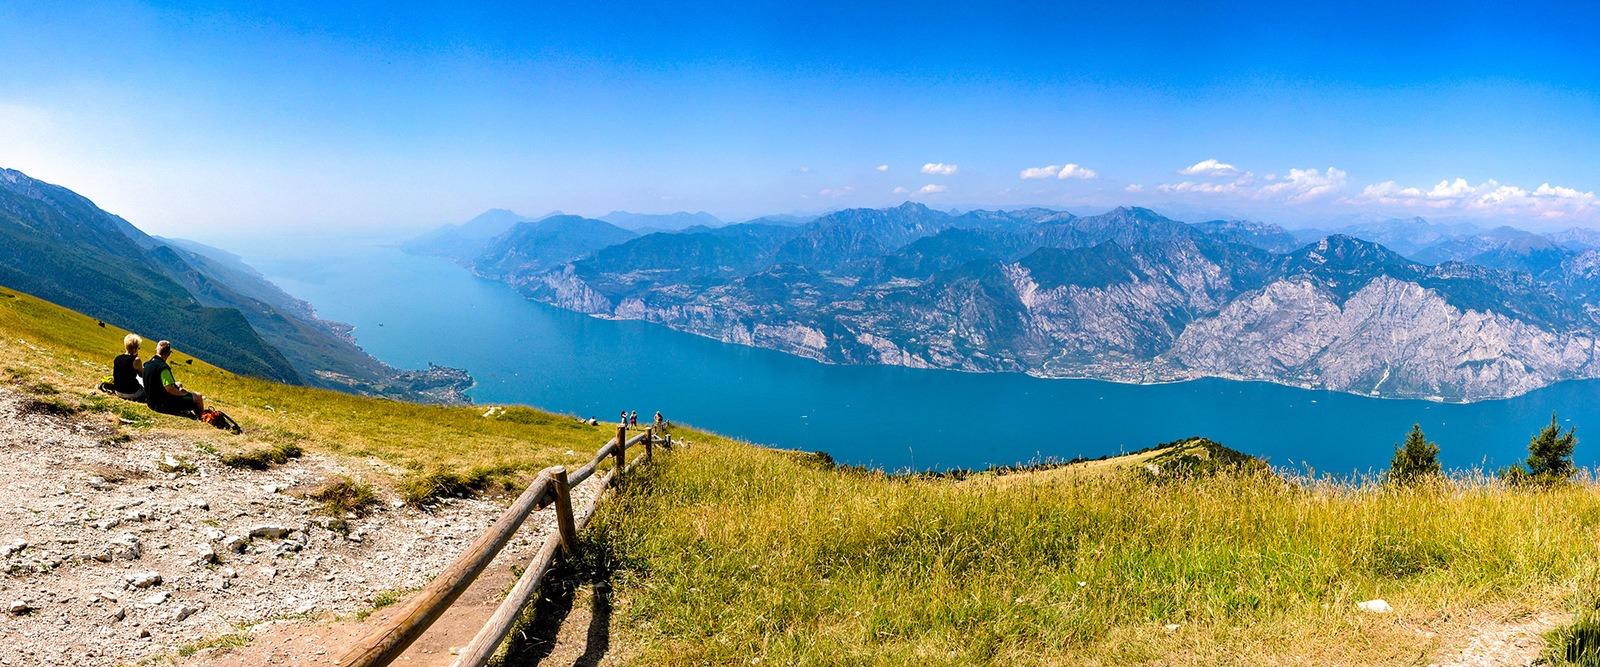 Trentino-lakegarda-landscape